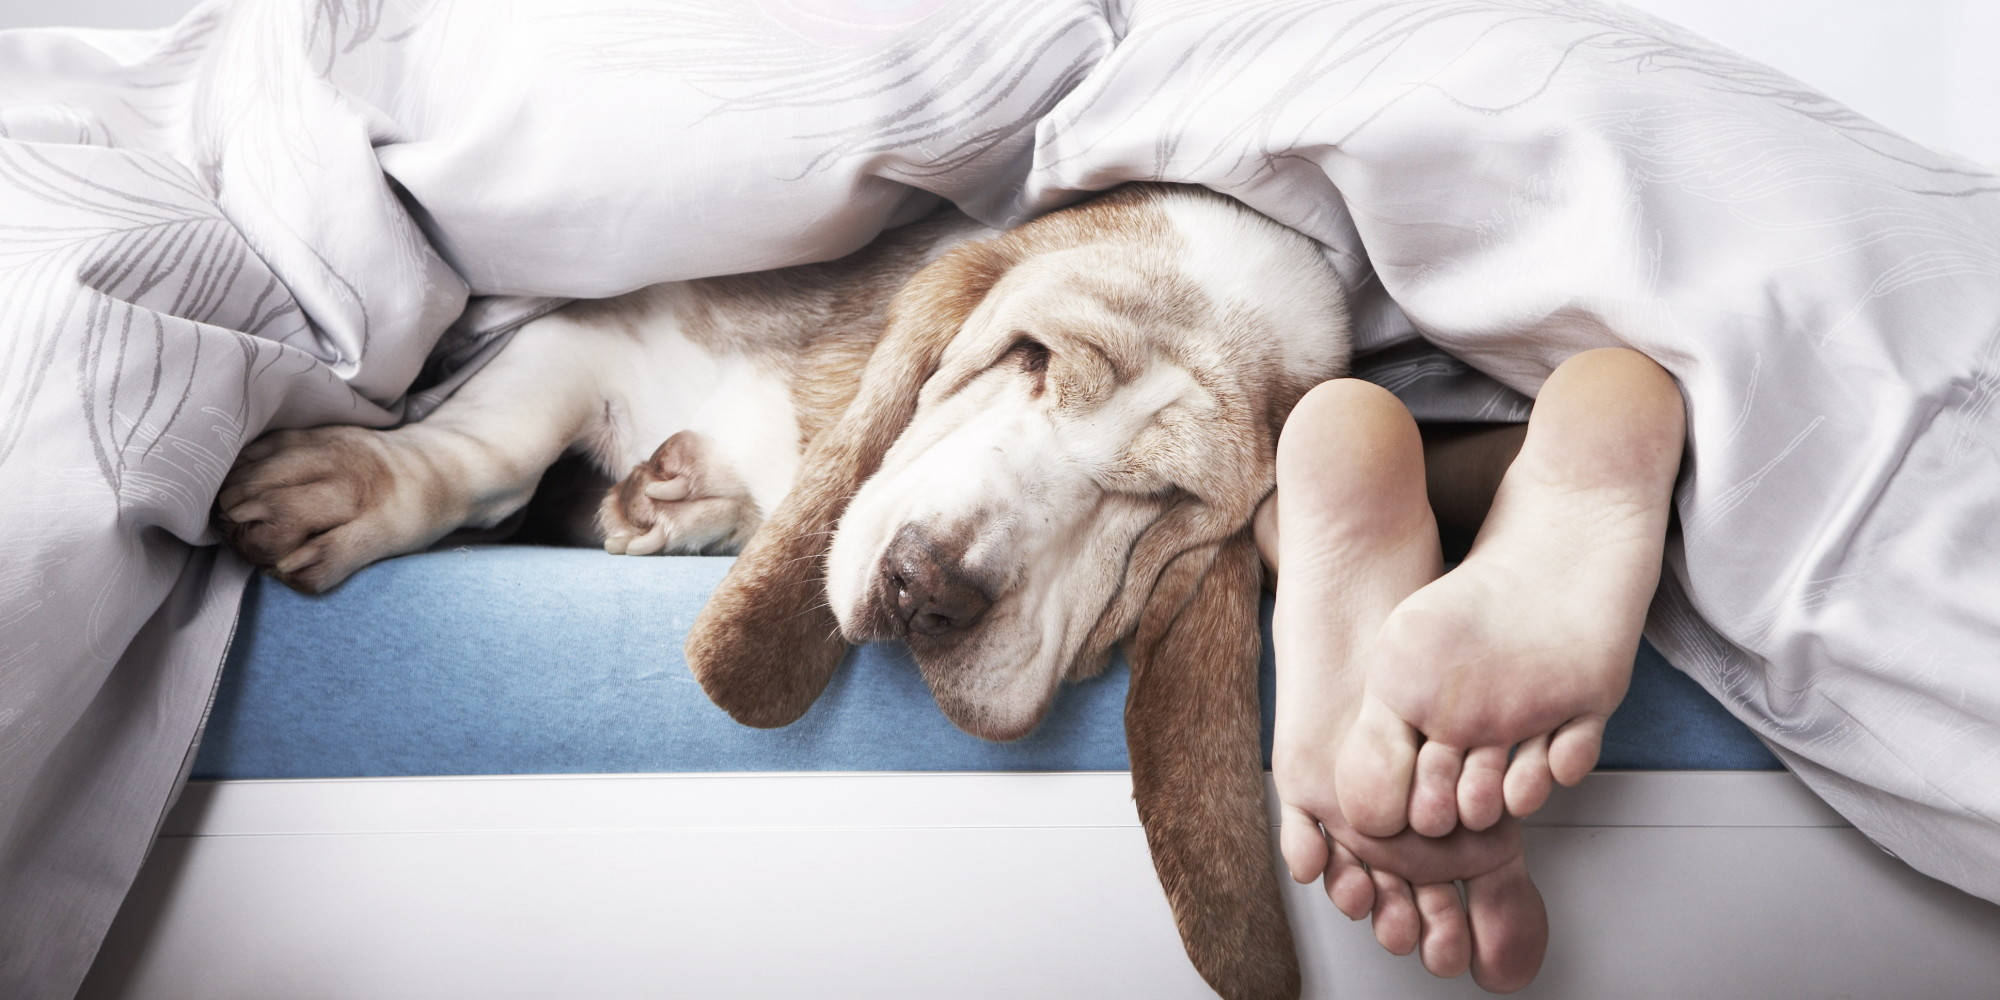 Dormir avec votre chien ou votre chat est vraiment une - Femme qui porte une couche ...